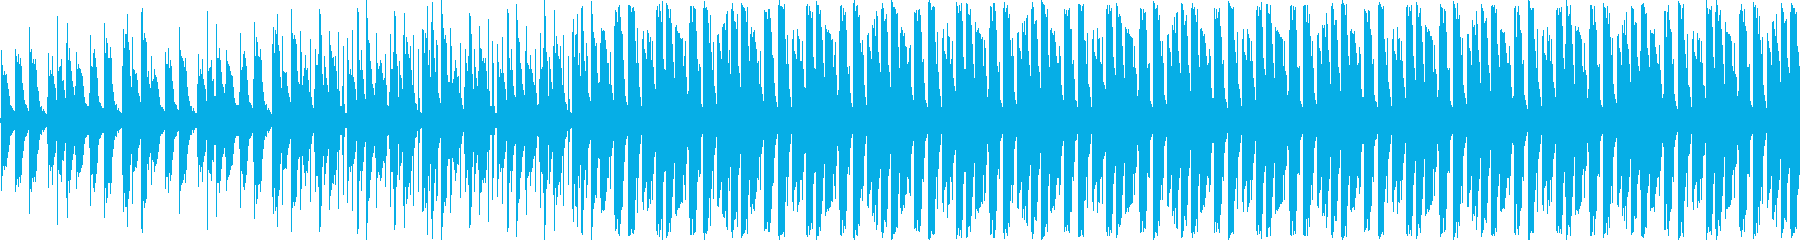 【キラキラシンセポップ】の再生済みの波形